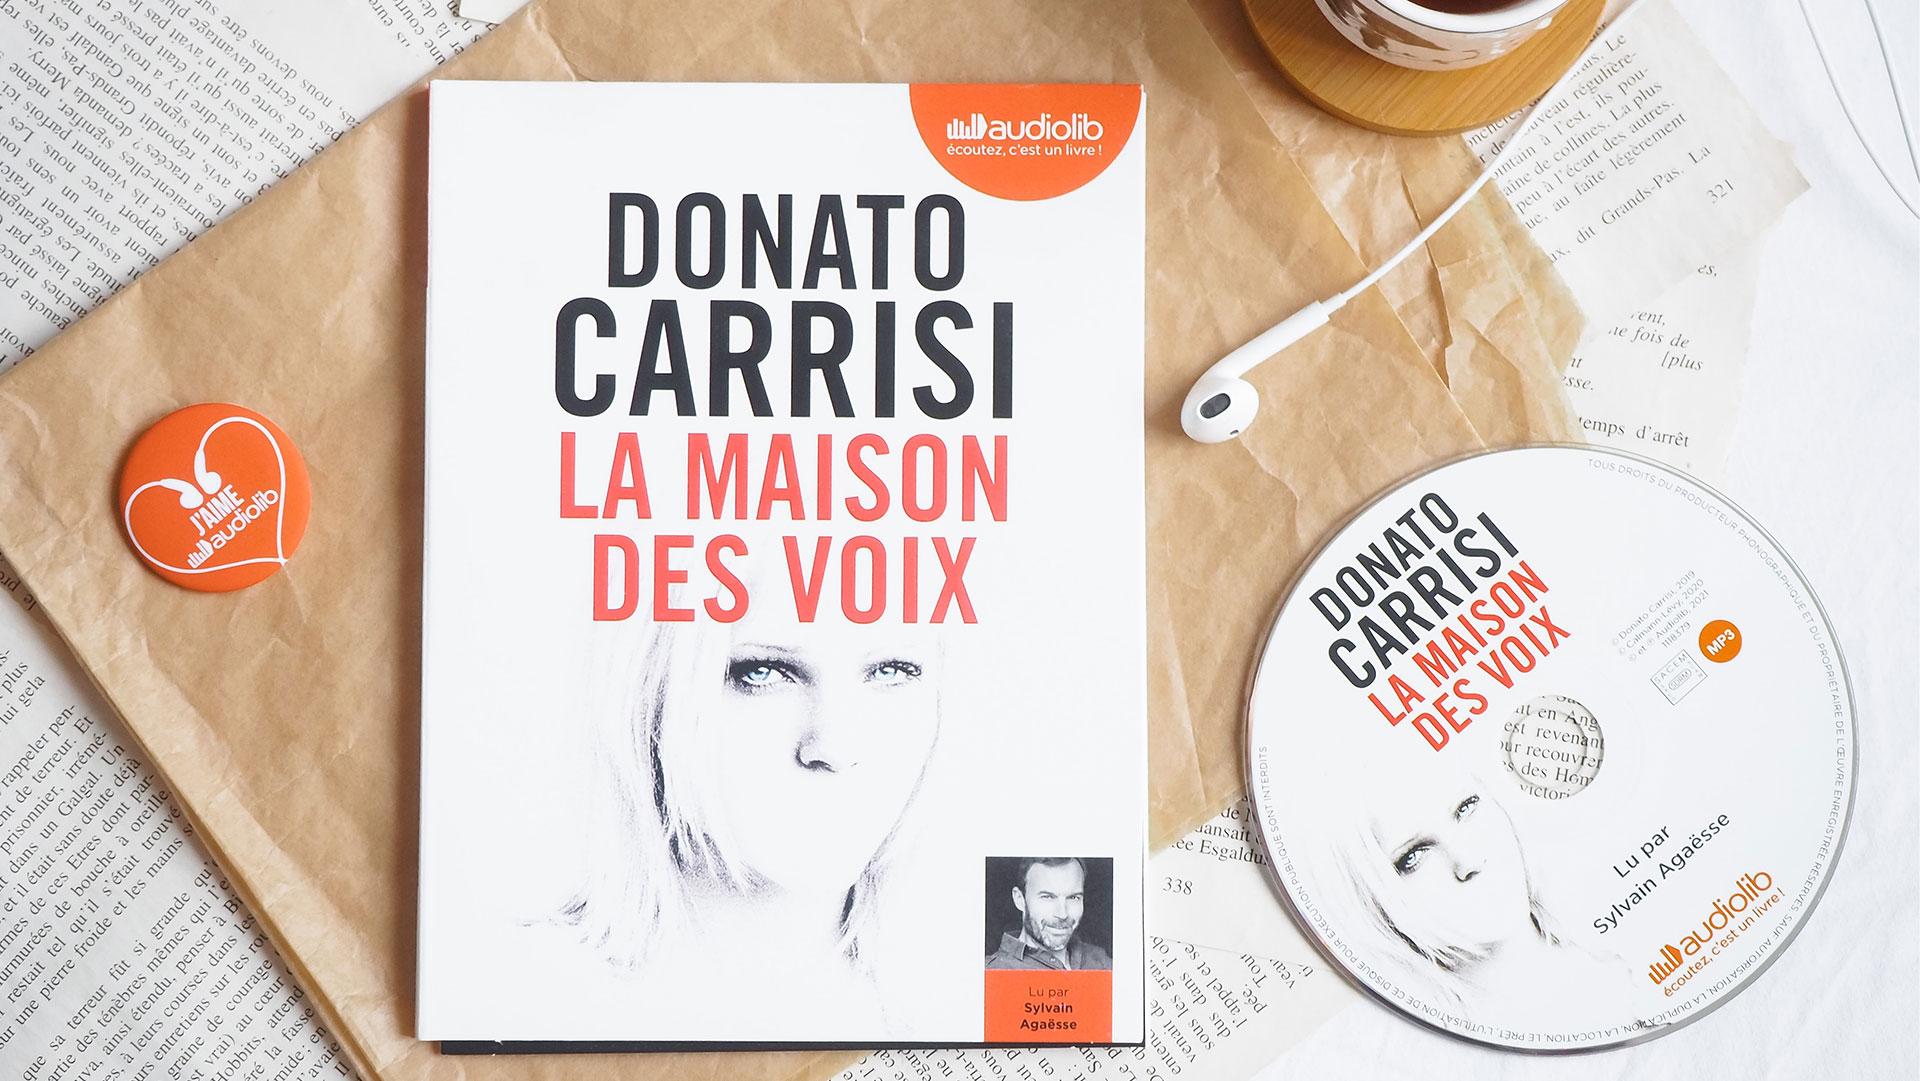 la-maison-des-voix-Donato-Carrisi